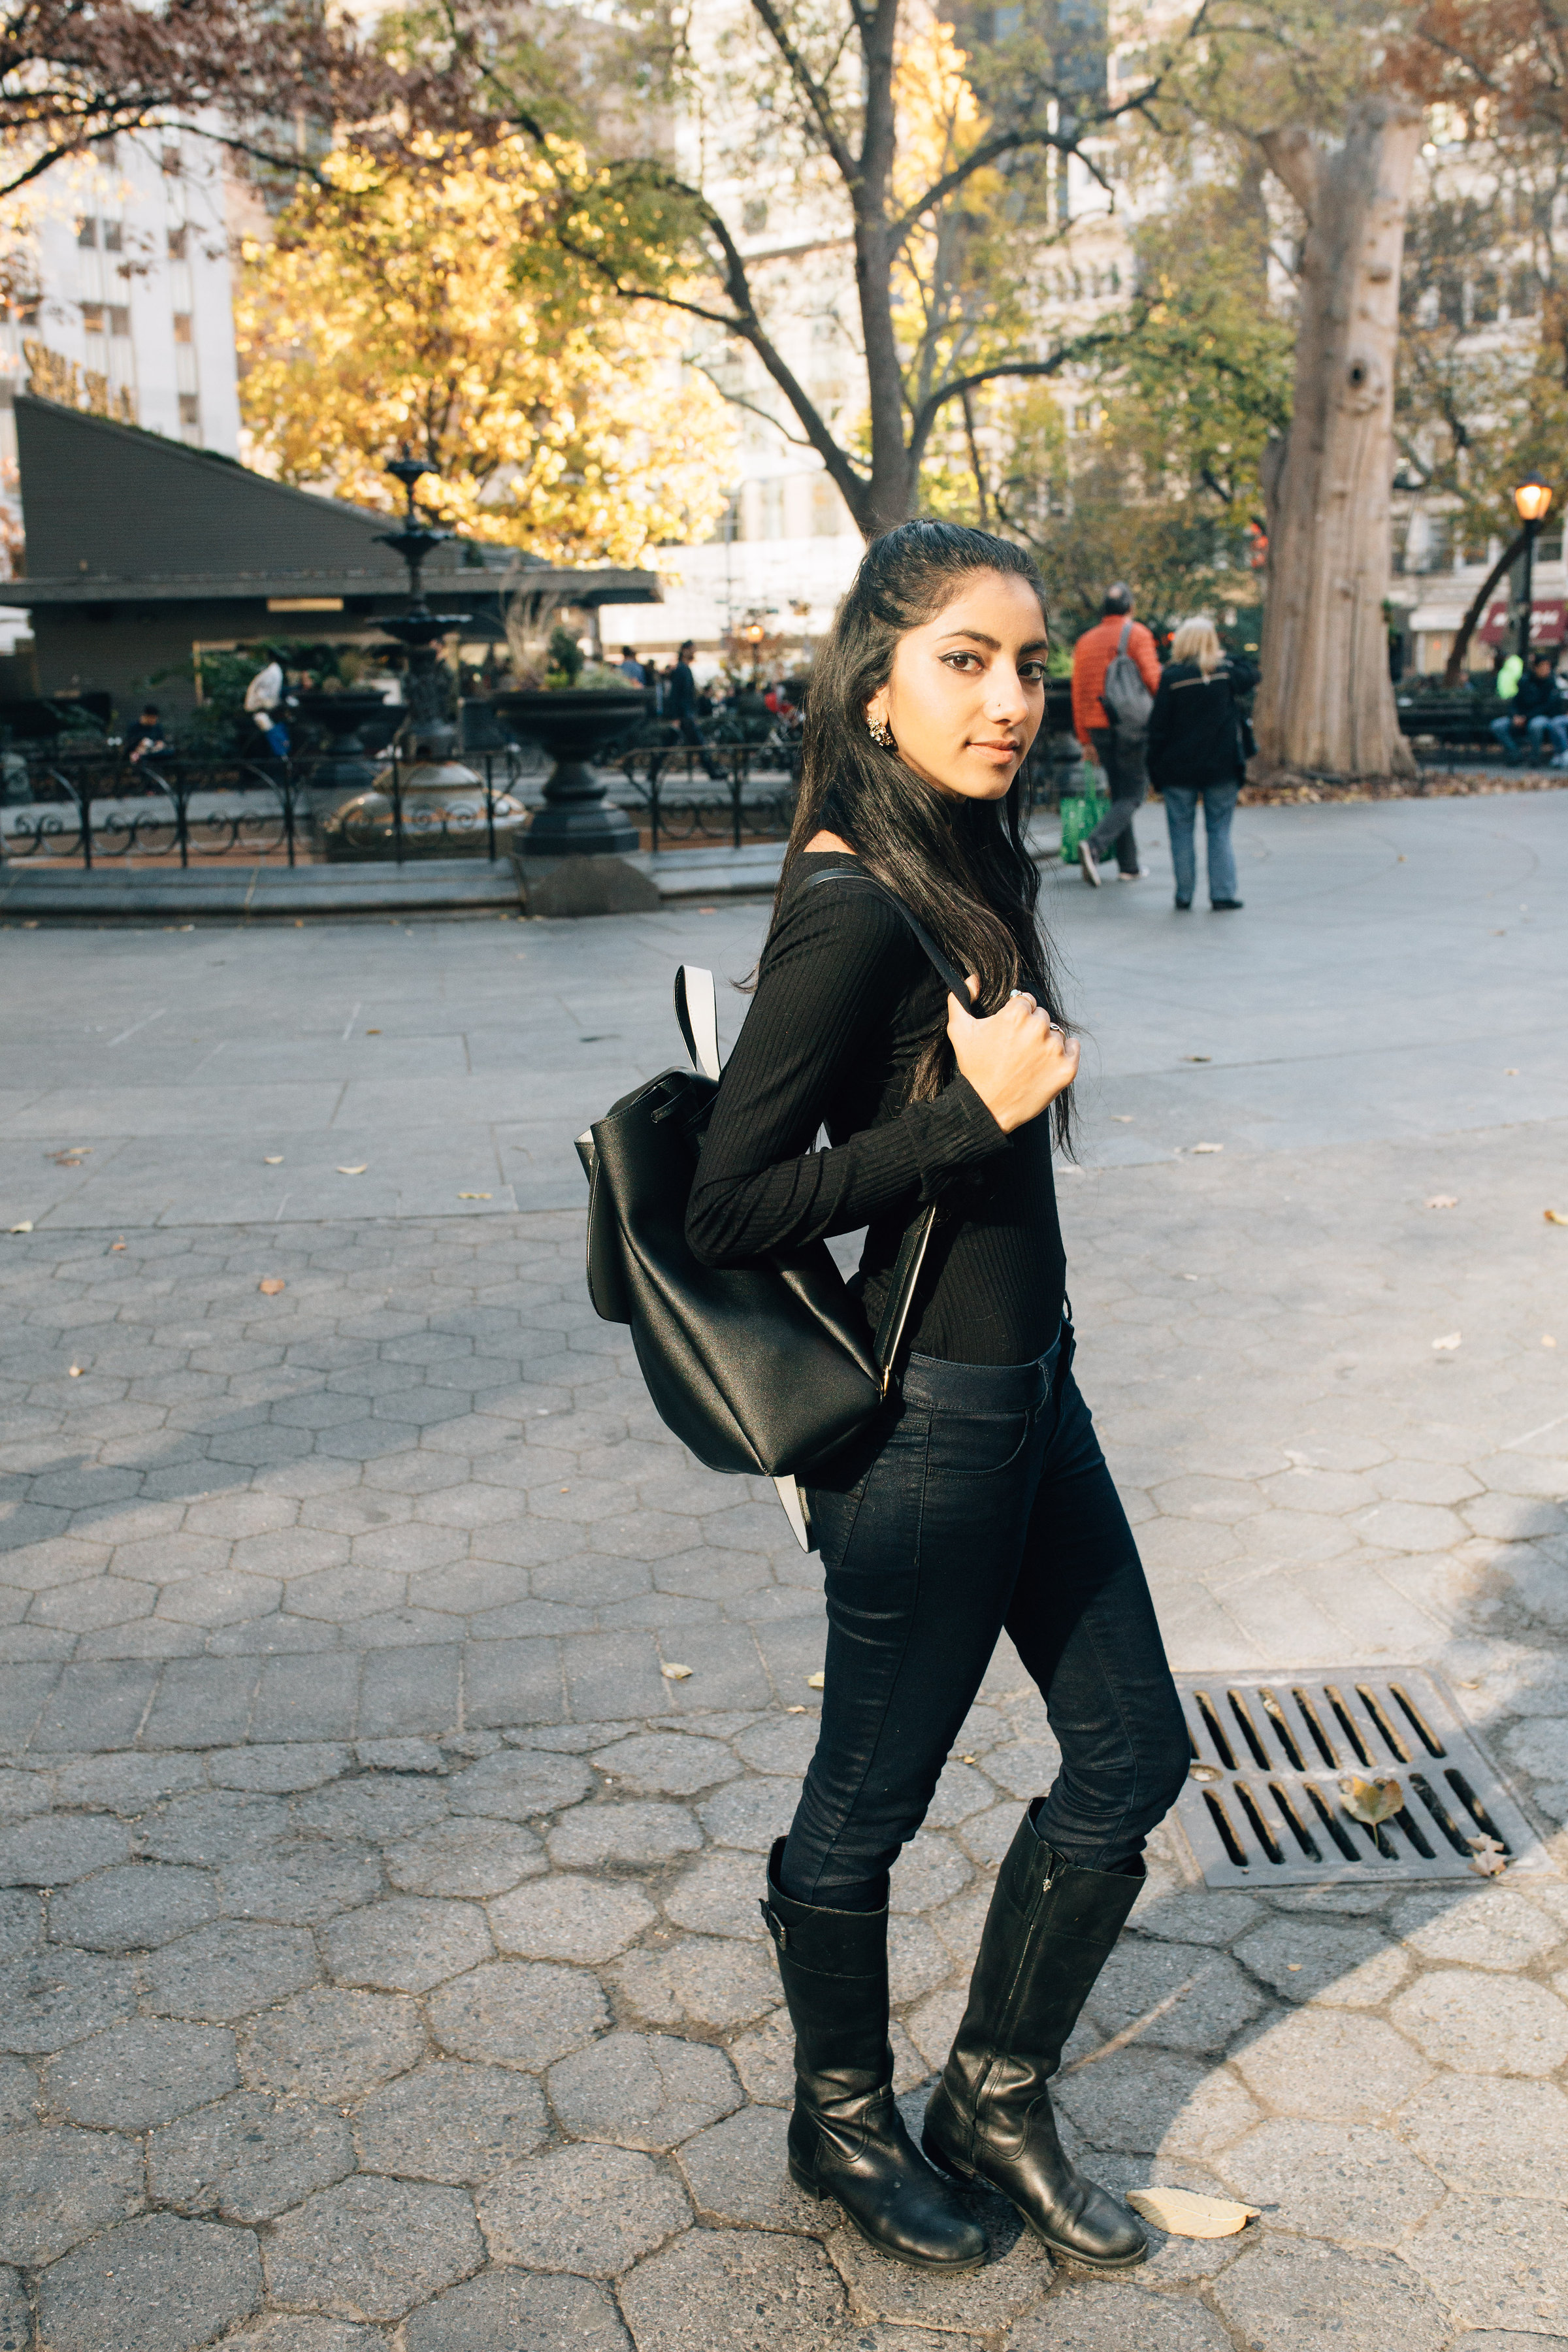 nyc.madisonsquarepark.furcoat.faux.muave.bodysuit.fashionblogger.nyc.